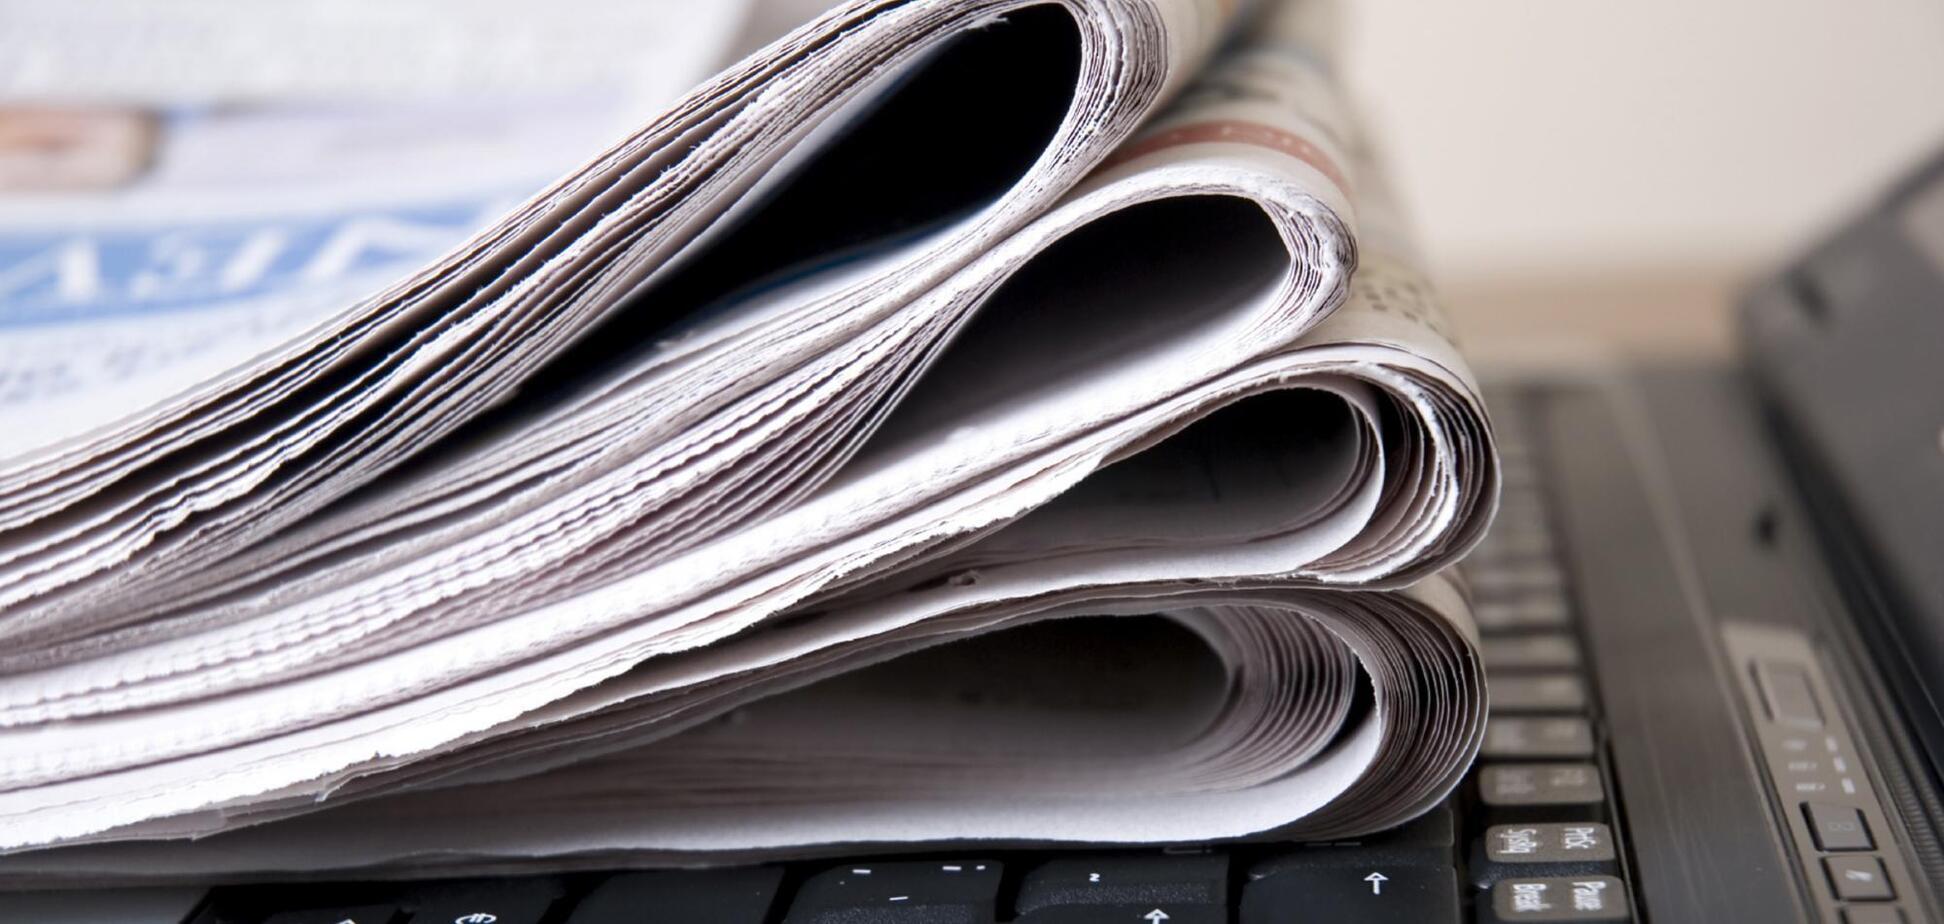 Журналисты Украины опасаются цензуры из-за закона о медиа